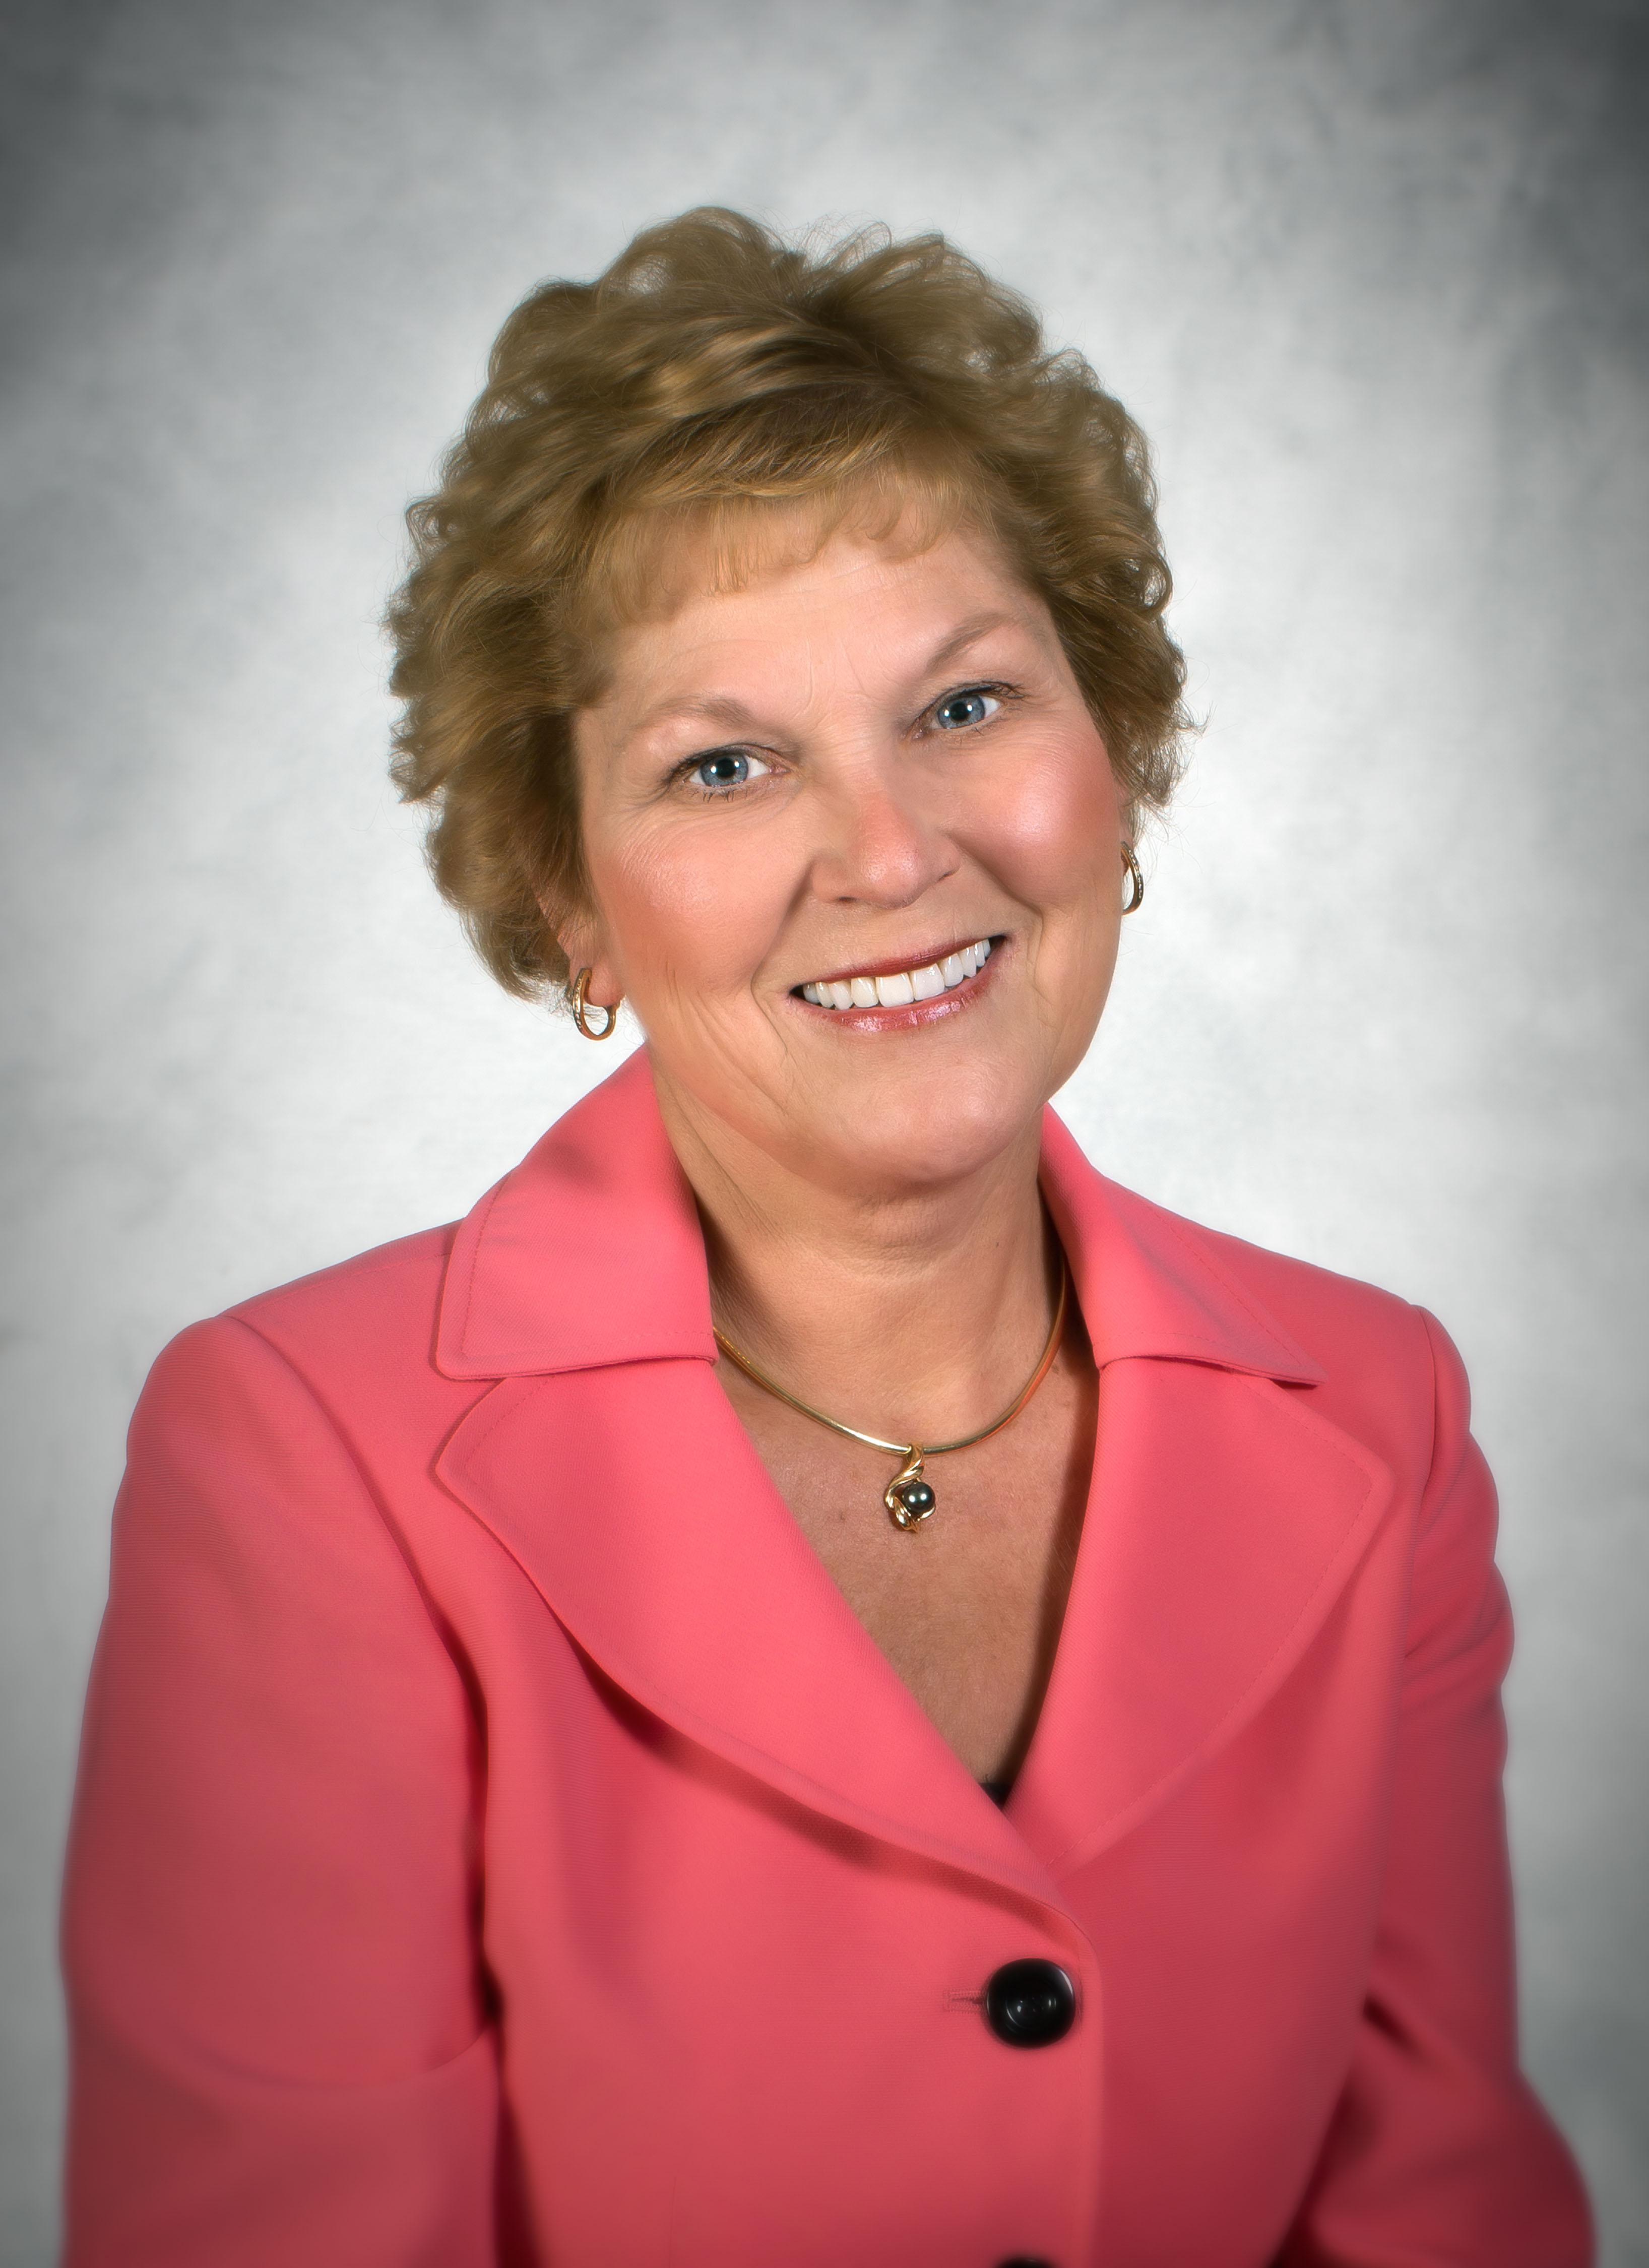 Diane Postler Slattery